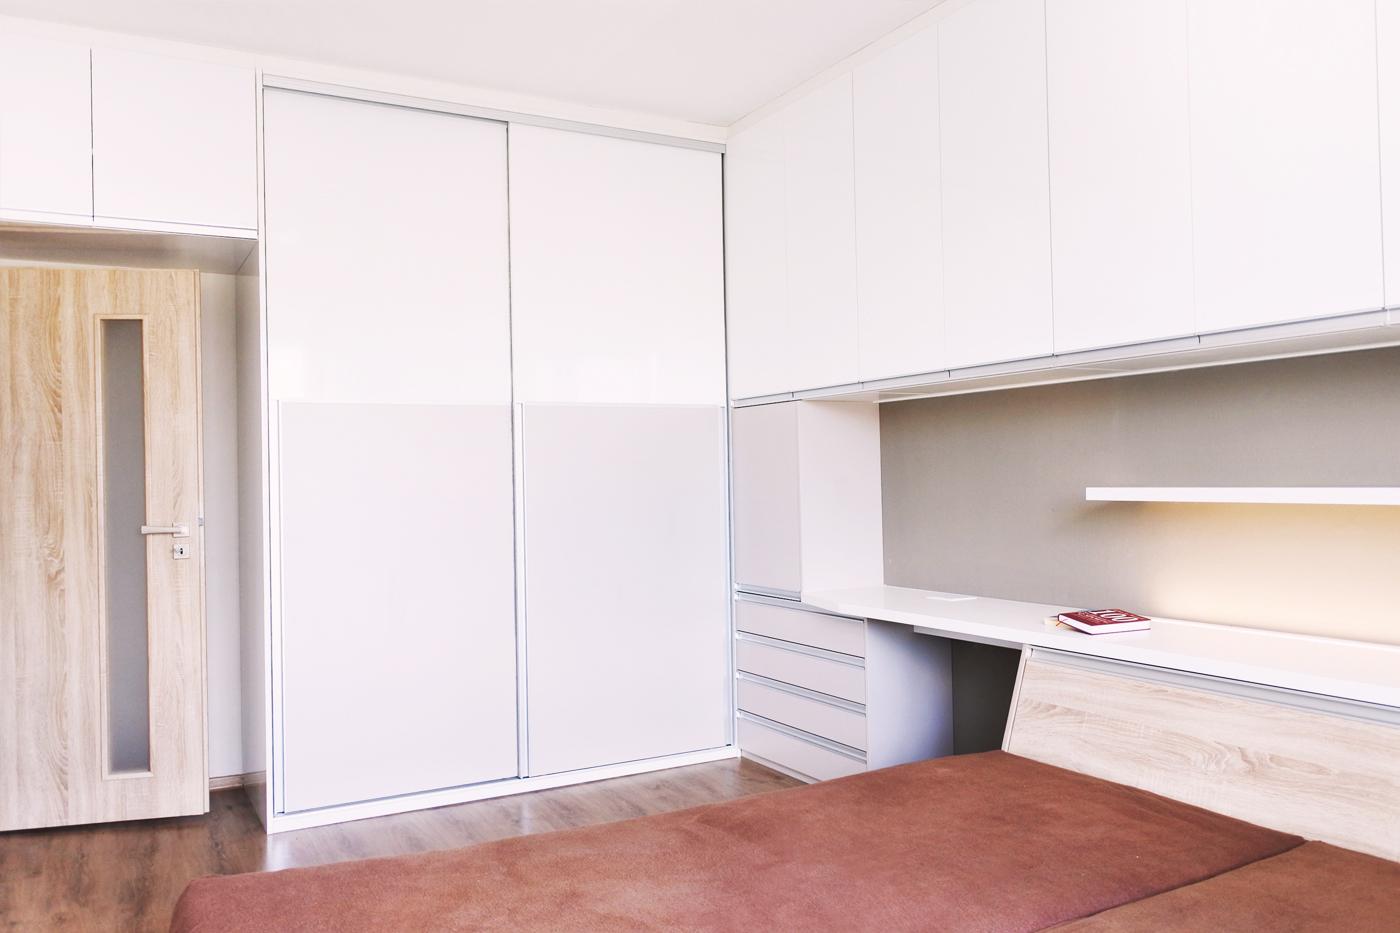 Úložný prostor pokračuje přes roh, kde tvoří šatní skříň. Díky tomu, že je hmota nábytku v rohu místnosti, působí prostor ložnice vzdušně.